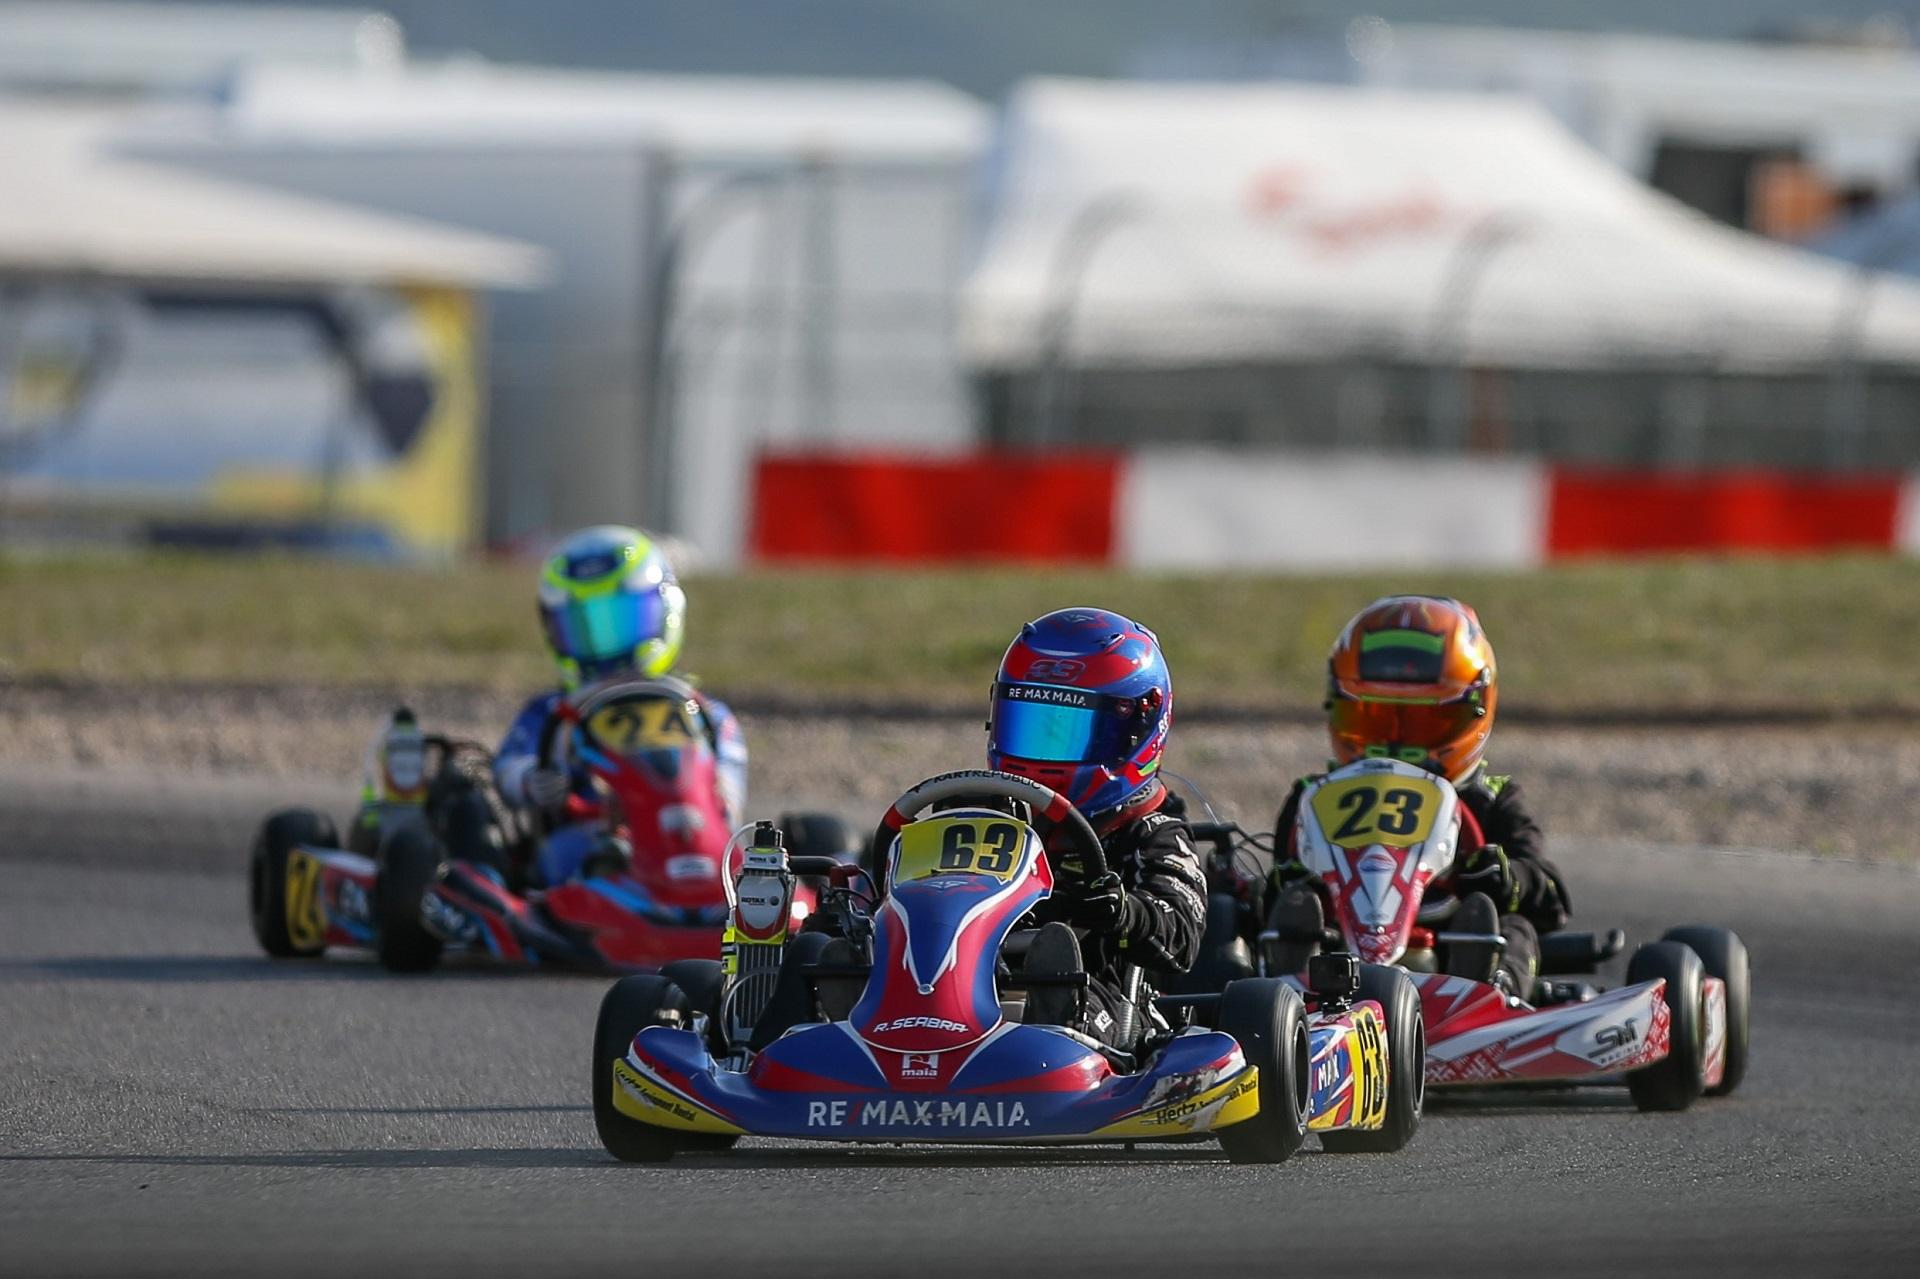 Seabra 15.º, Campos 16.º e Barros 22.º na Rotax Winter Cup da categoria Micro-Max